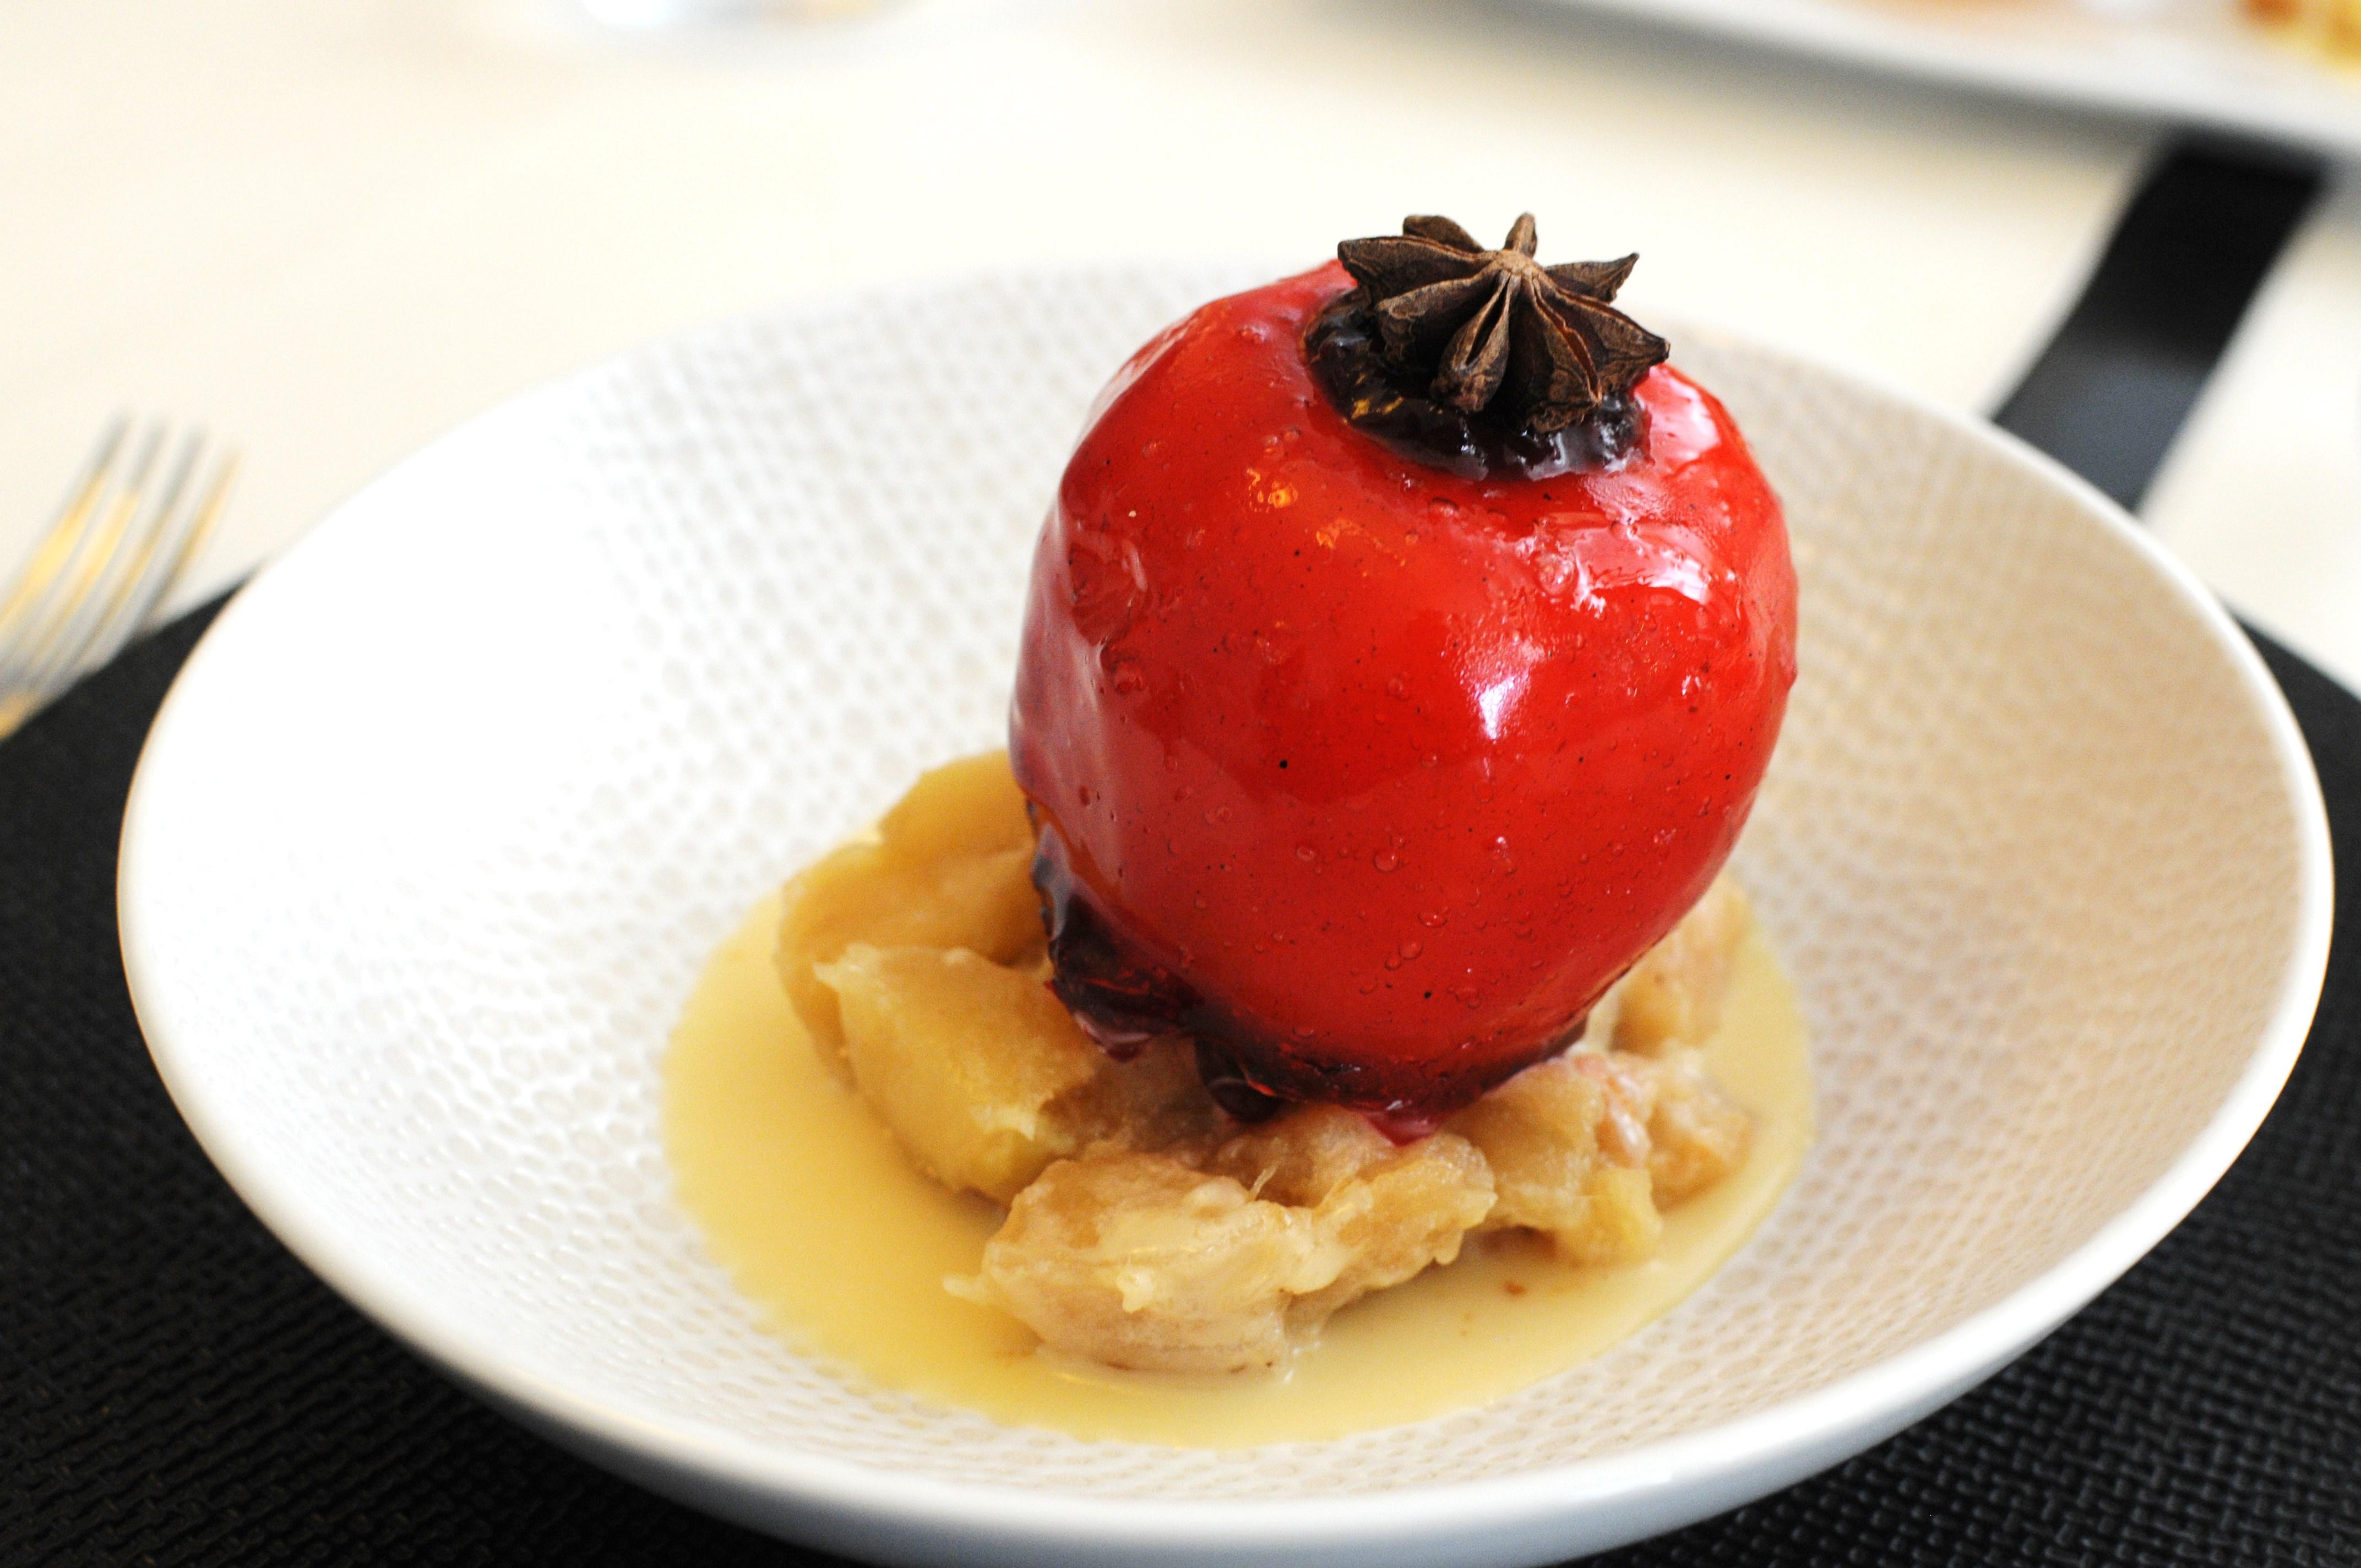 Déjeuner au restaurant Ma Maison, le restaurant de Philippe Gauffre à Bordeaux